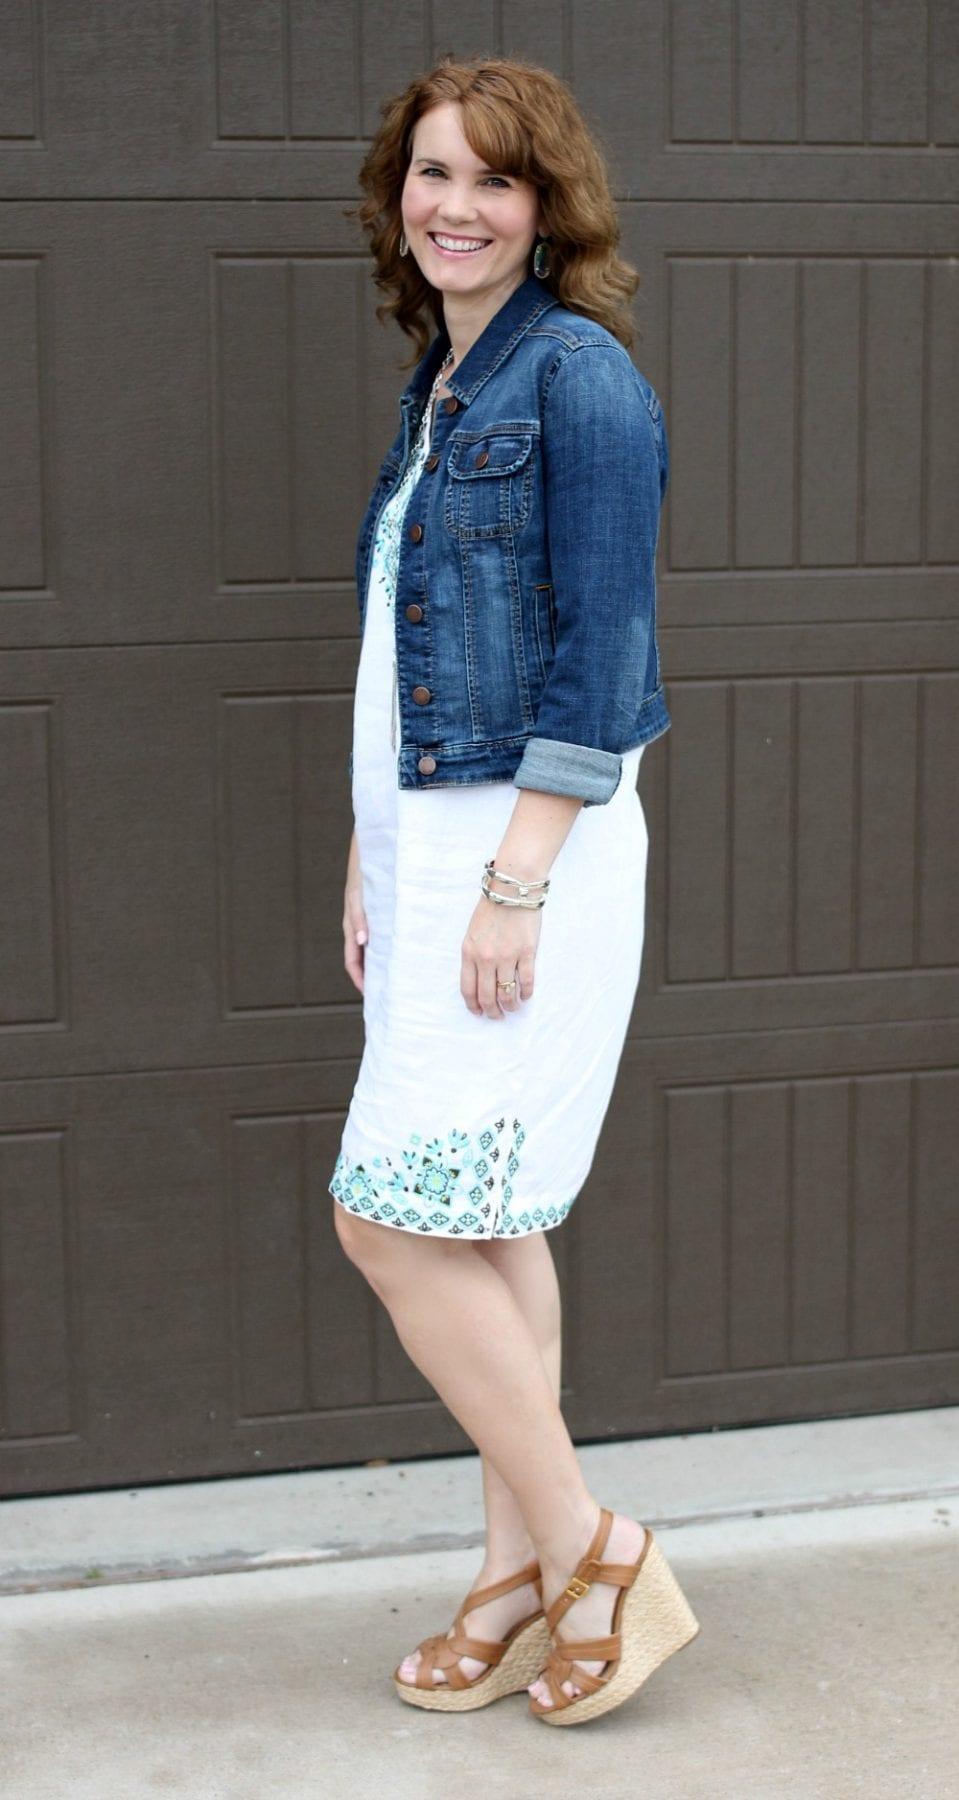 J Jill Linen Summer Dress - Wear it with a denim jacket and wedges.